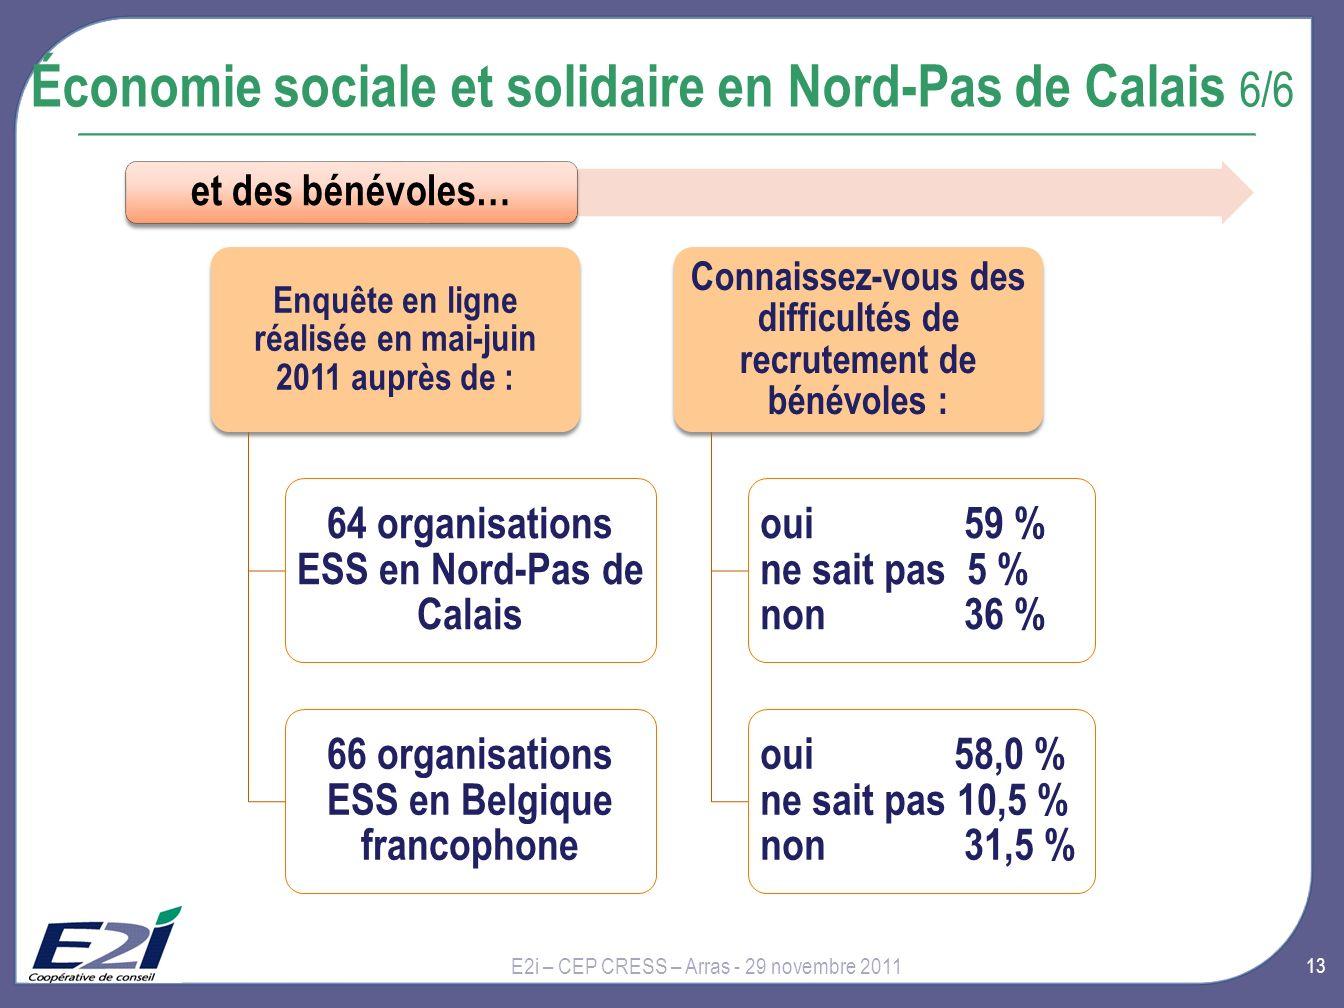 Économie sociale et solidaire en Nord-Pas de Calais 6/6